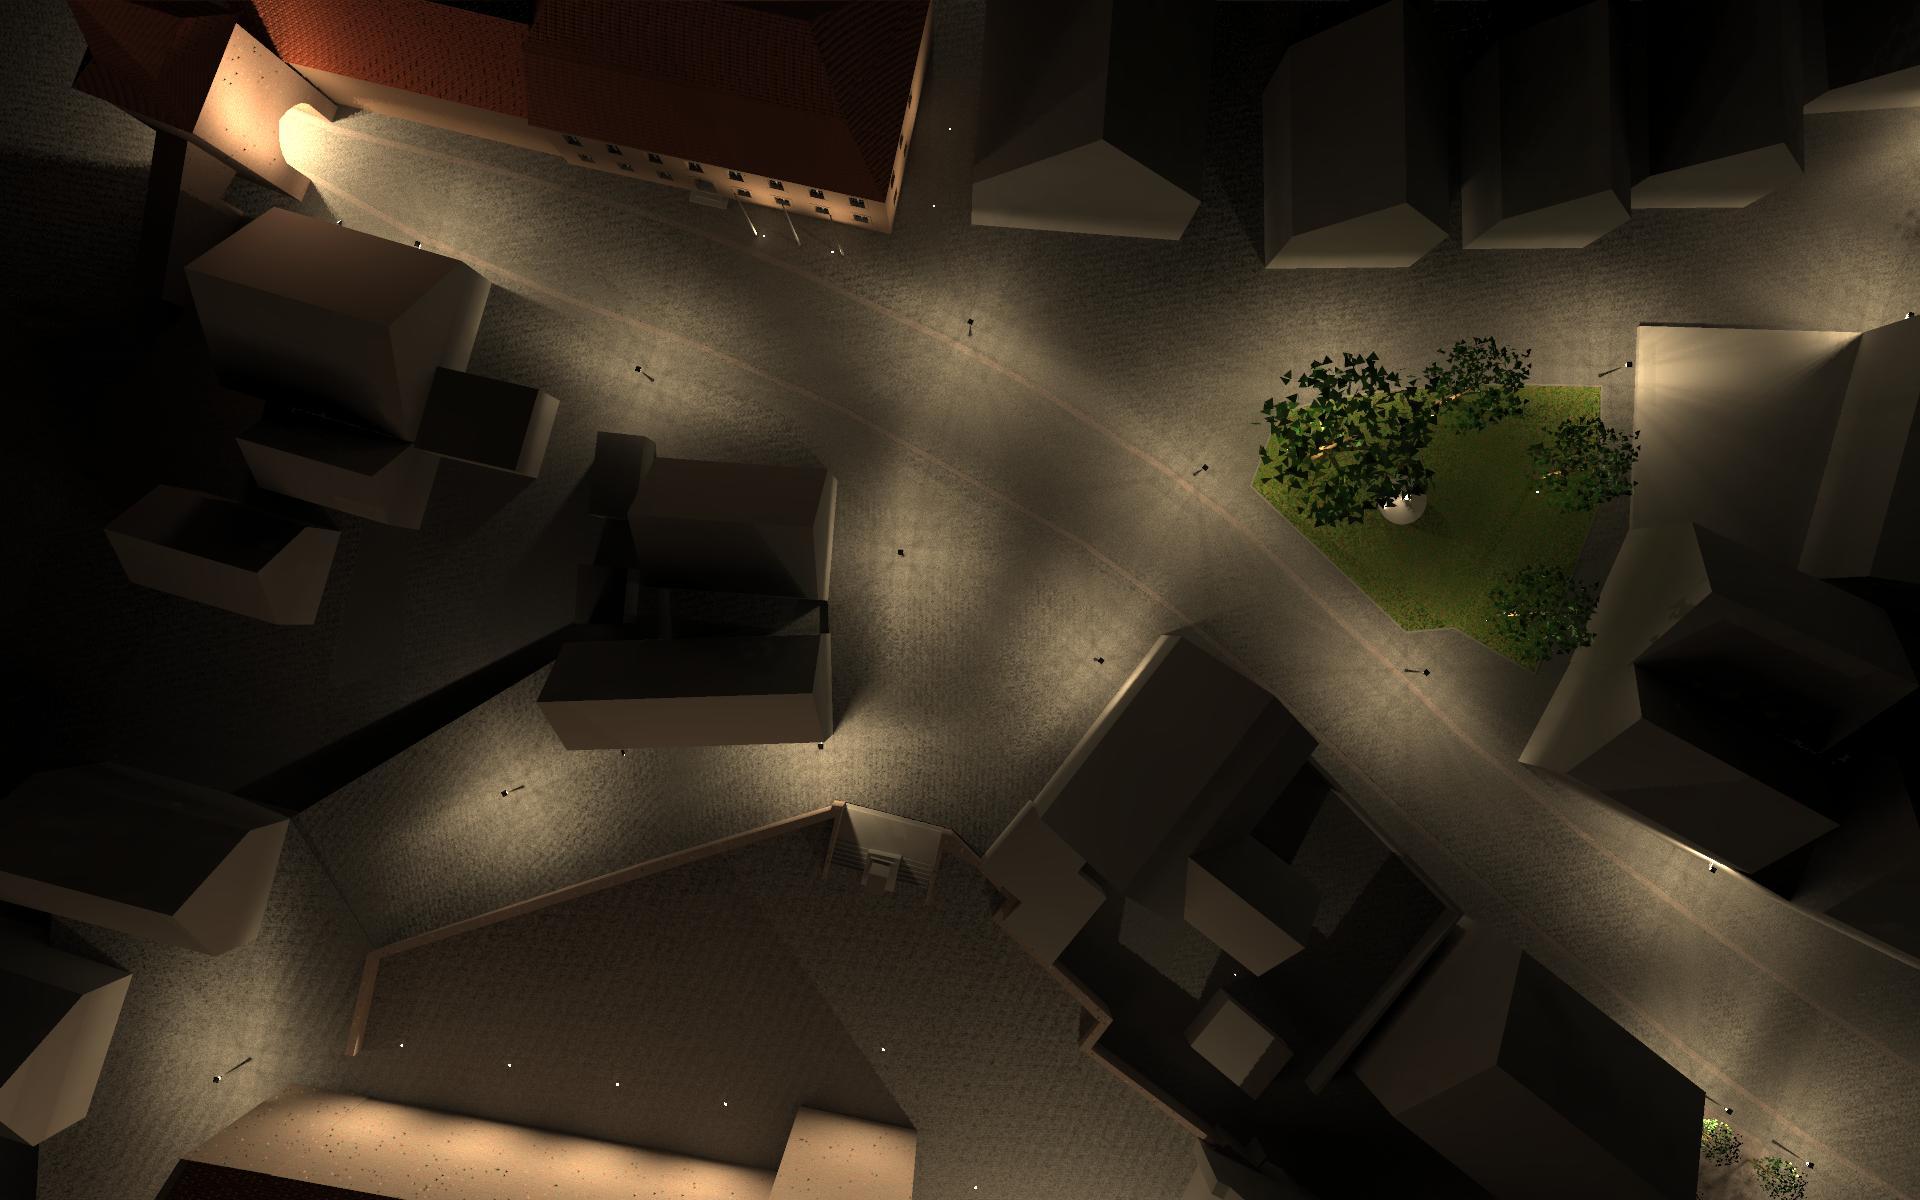 Visualisierung eines Lichtkonzepts des Stillaplatz in Abenberg als Draufsicht